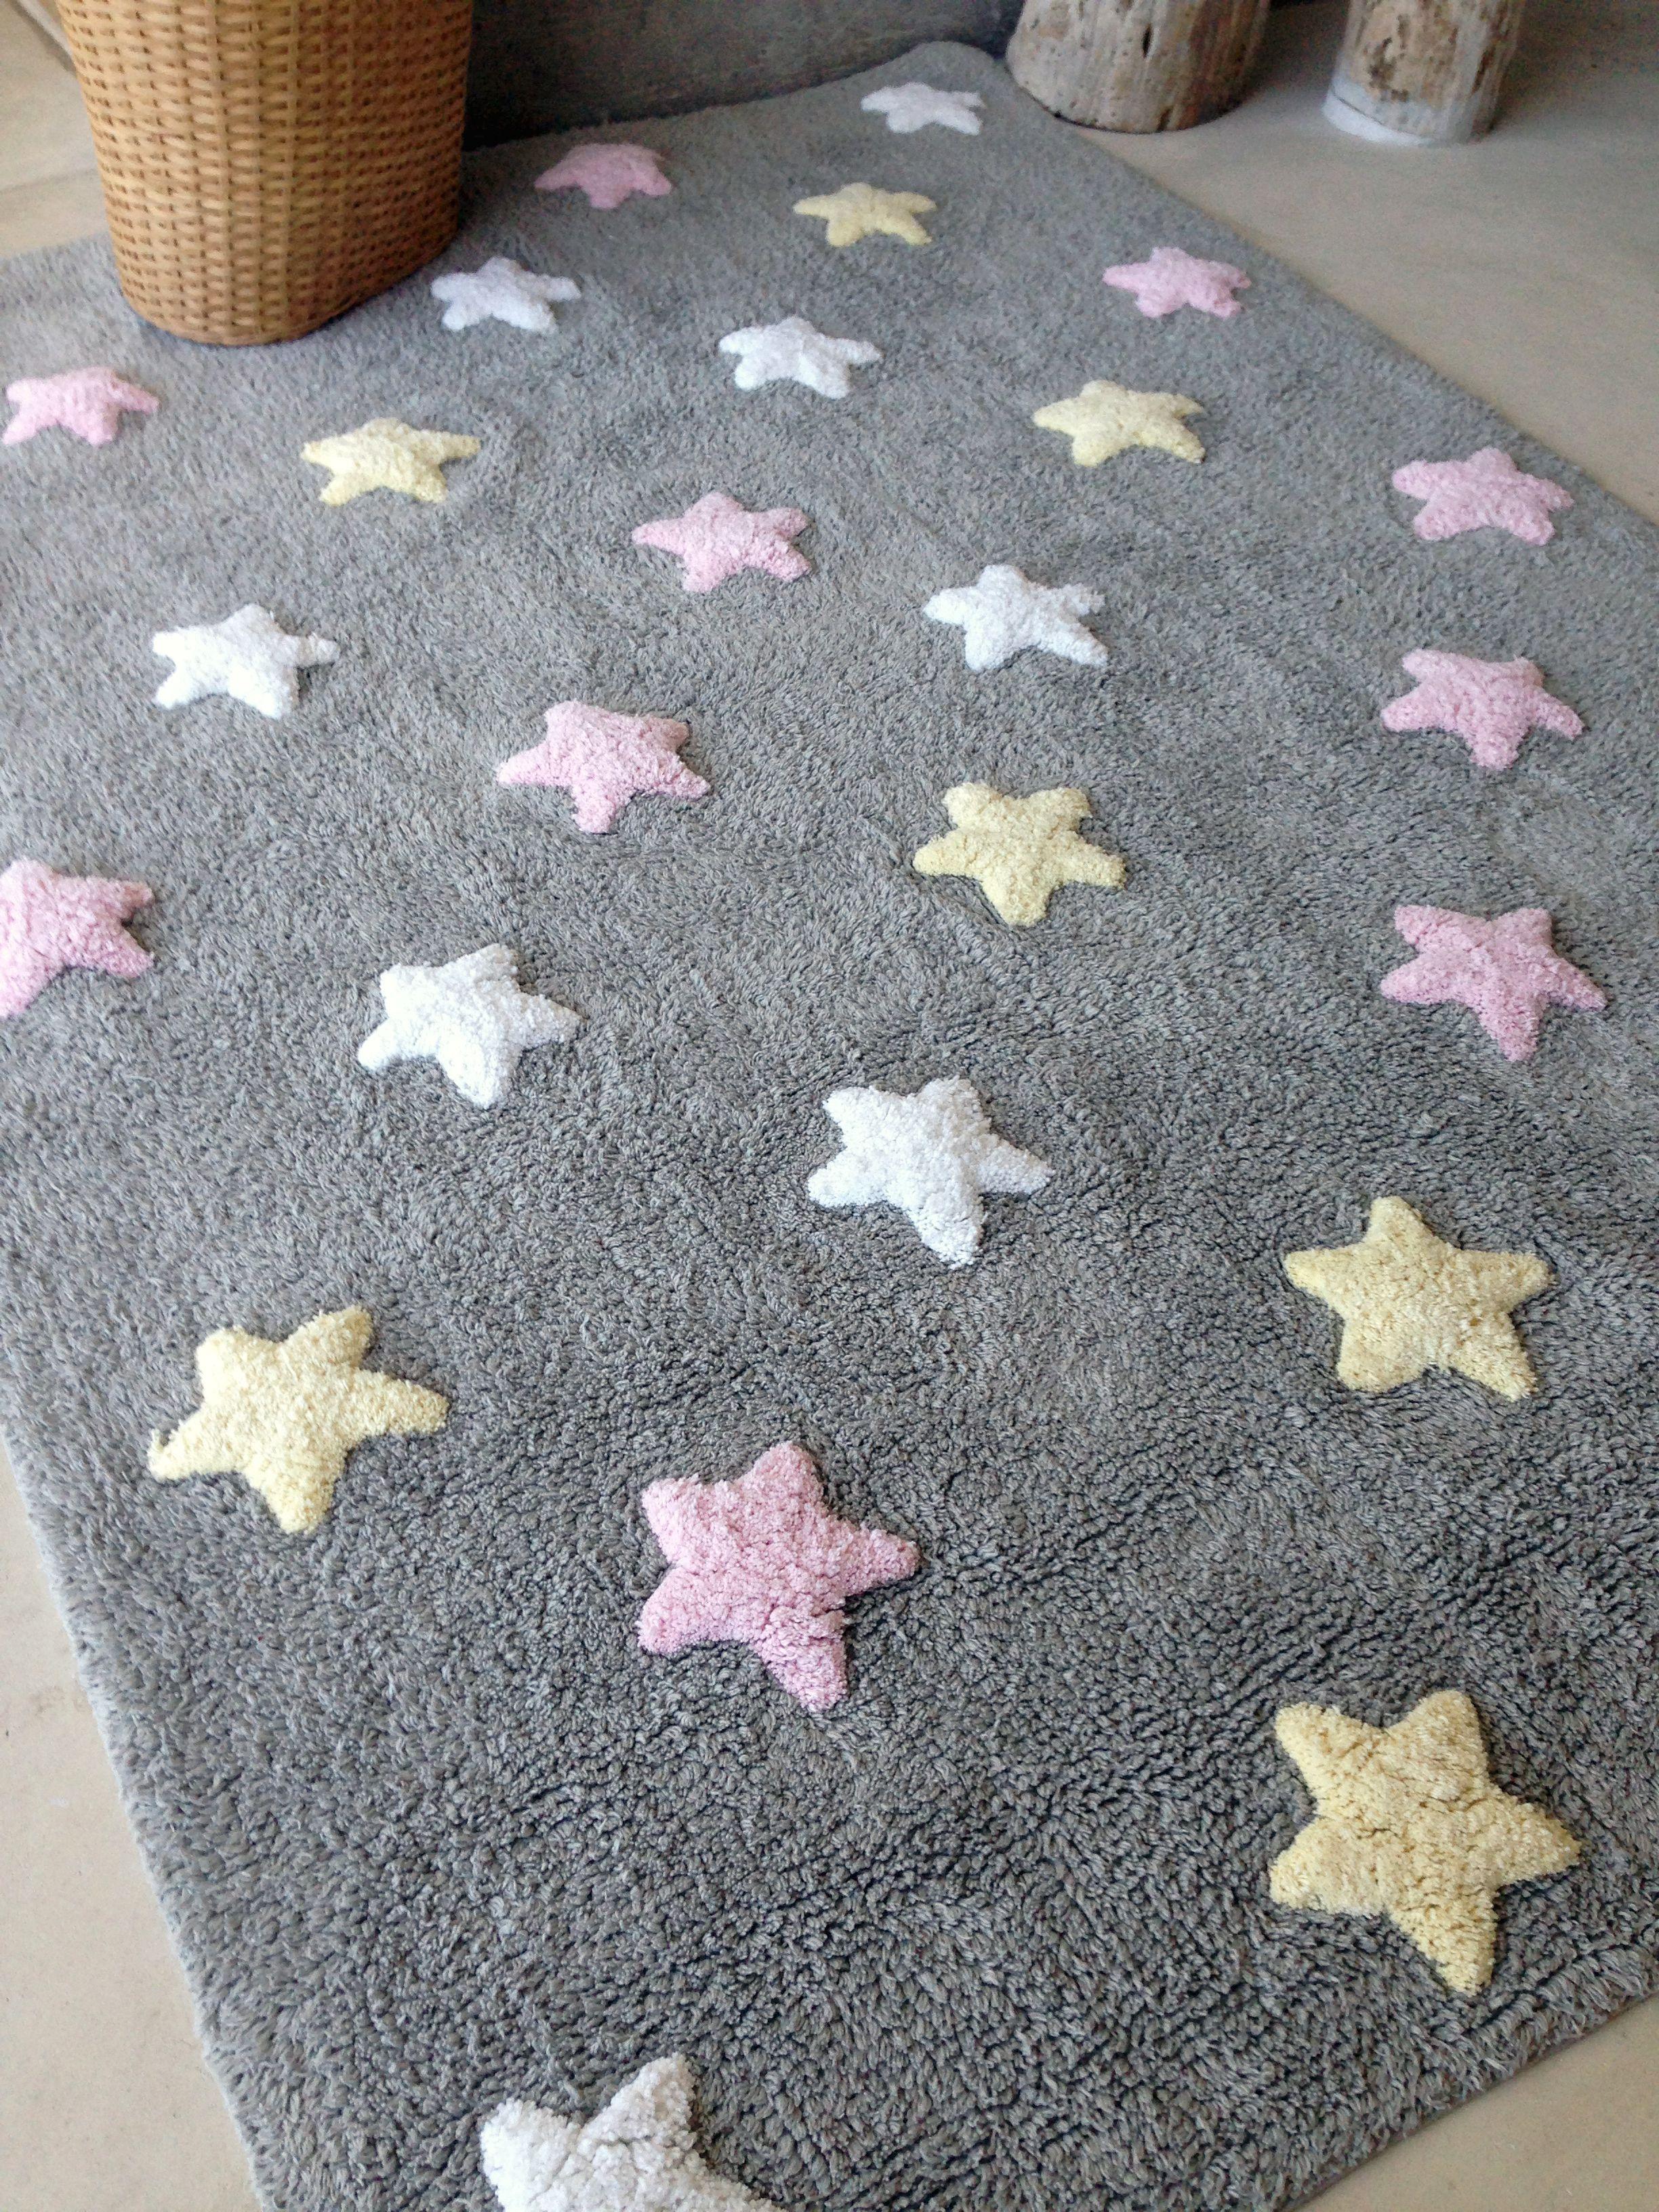 Waschbarer Teppich Für Das Kinderzimmer Aus Reiner Baumwolle Traumhafter  Kinderzimmerteppich Der Spanischen Firma Lorena Canals Aus Reiner Baumwolle.